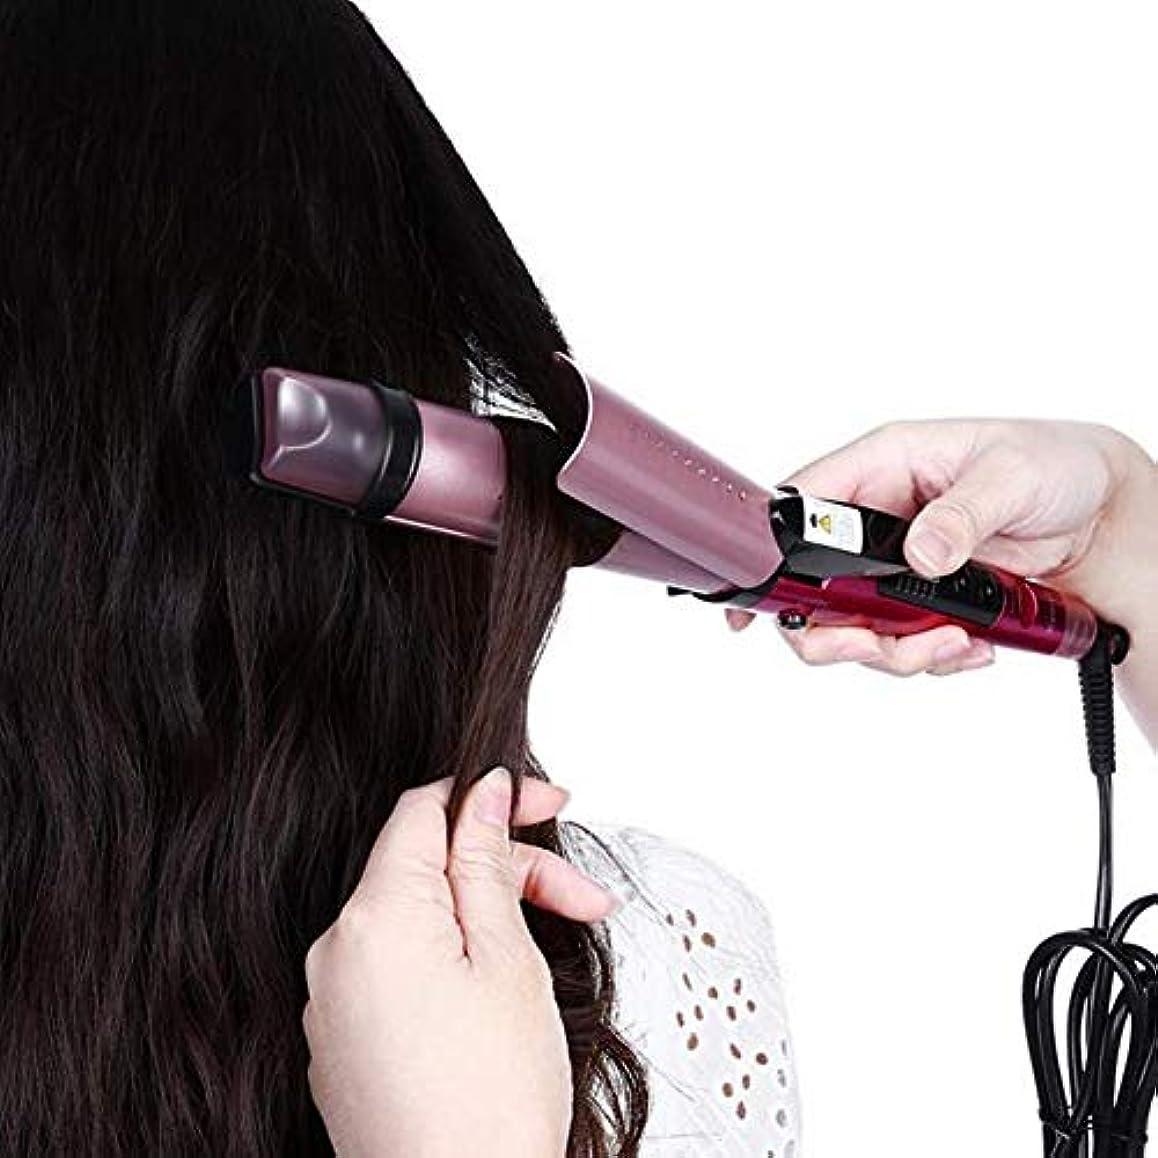 メトロポリタン到着同封するスチームストレートヘアコームマイナスイオンカーリングロッドストレートデュアルユース電動コイルロッドで髪を傷つけません(カラー:ローズレッド)